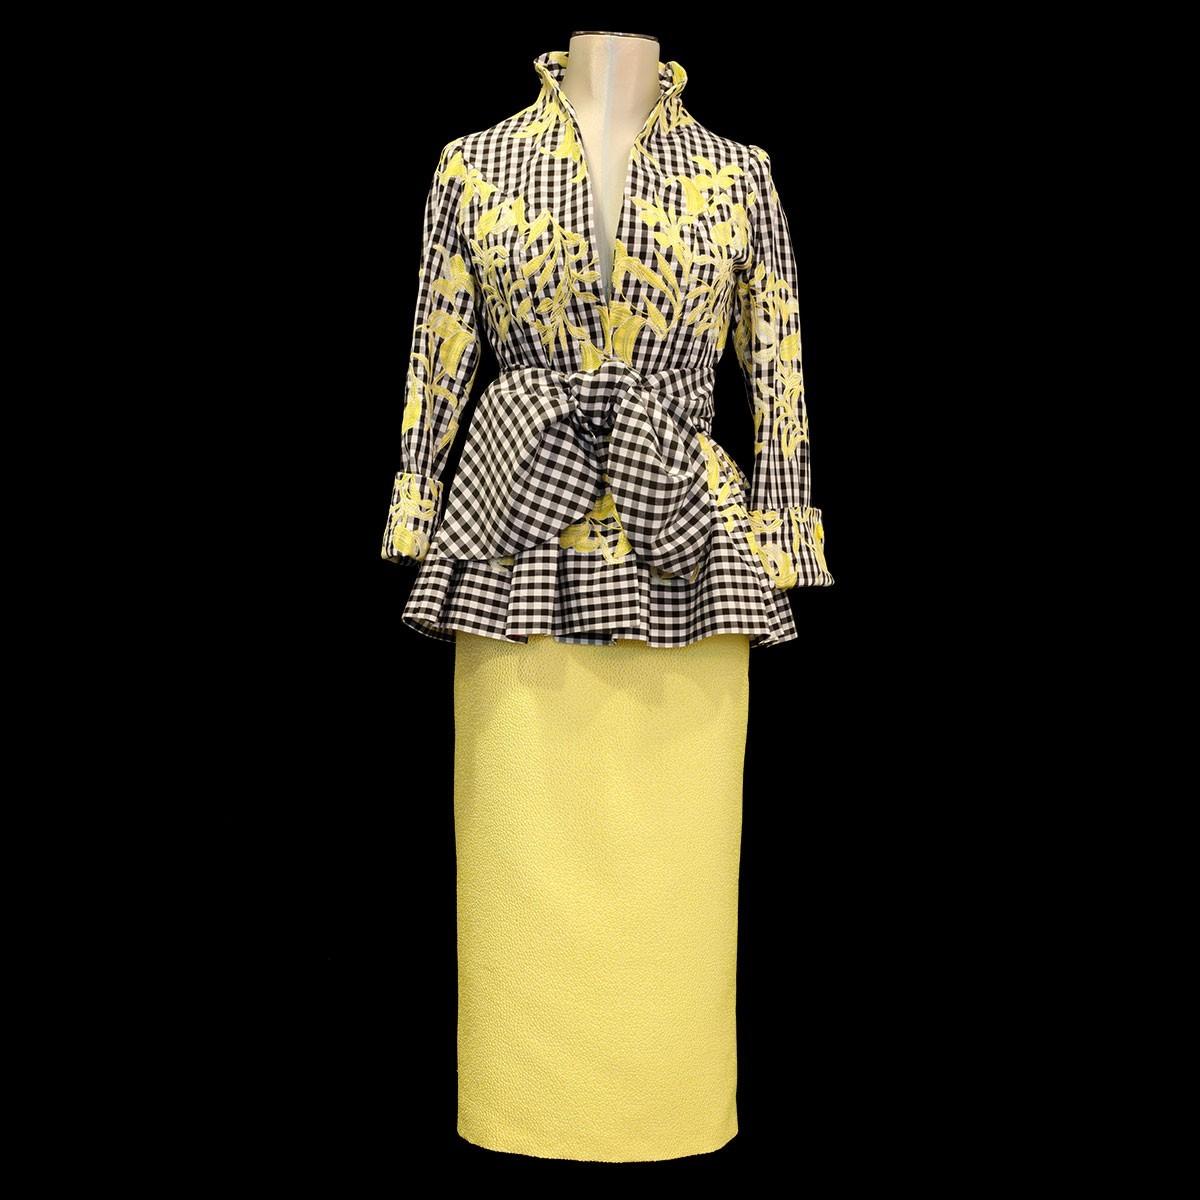 Conjunto de Camisa con cuadro vichy y falda miren brocado